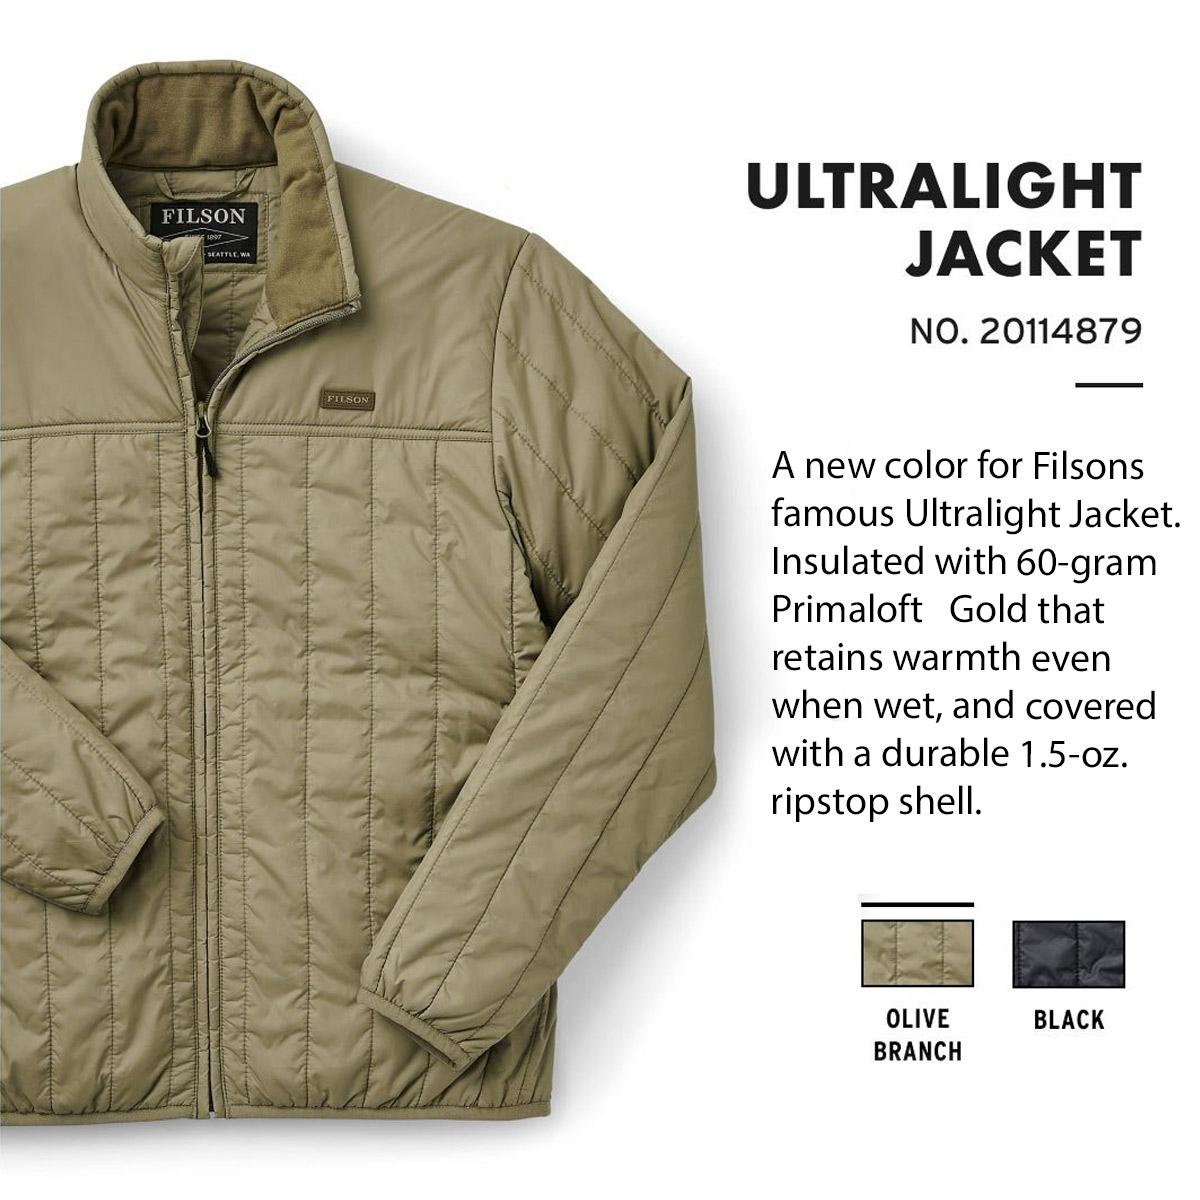 Filson Ultra Light Jacket Olive Branch, perfekt als äußere Schicht oder unter einer Jacke für Wärme bei extremer Kälte